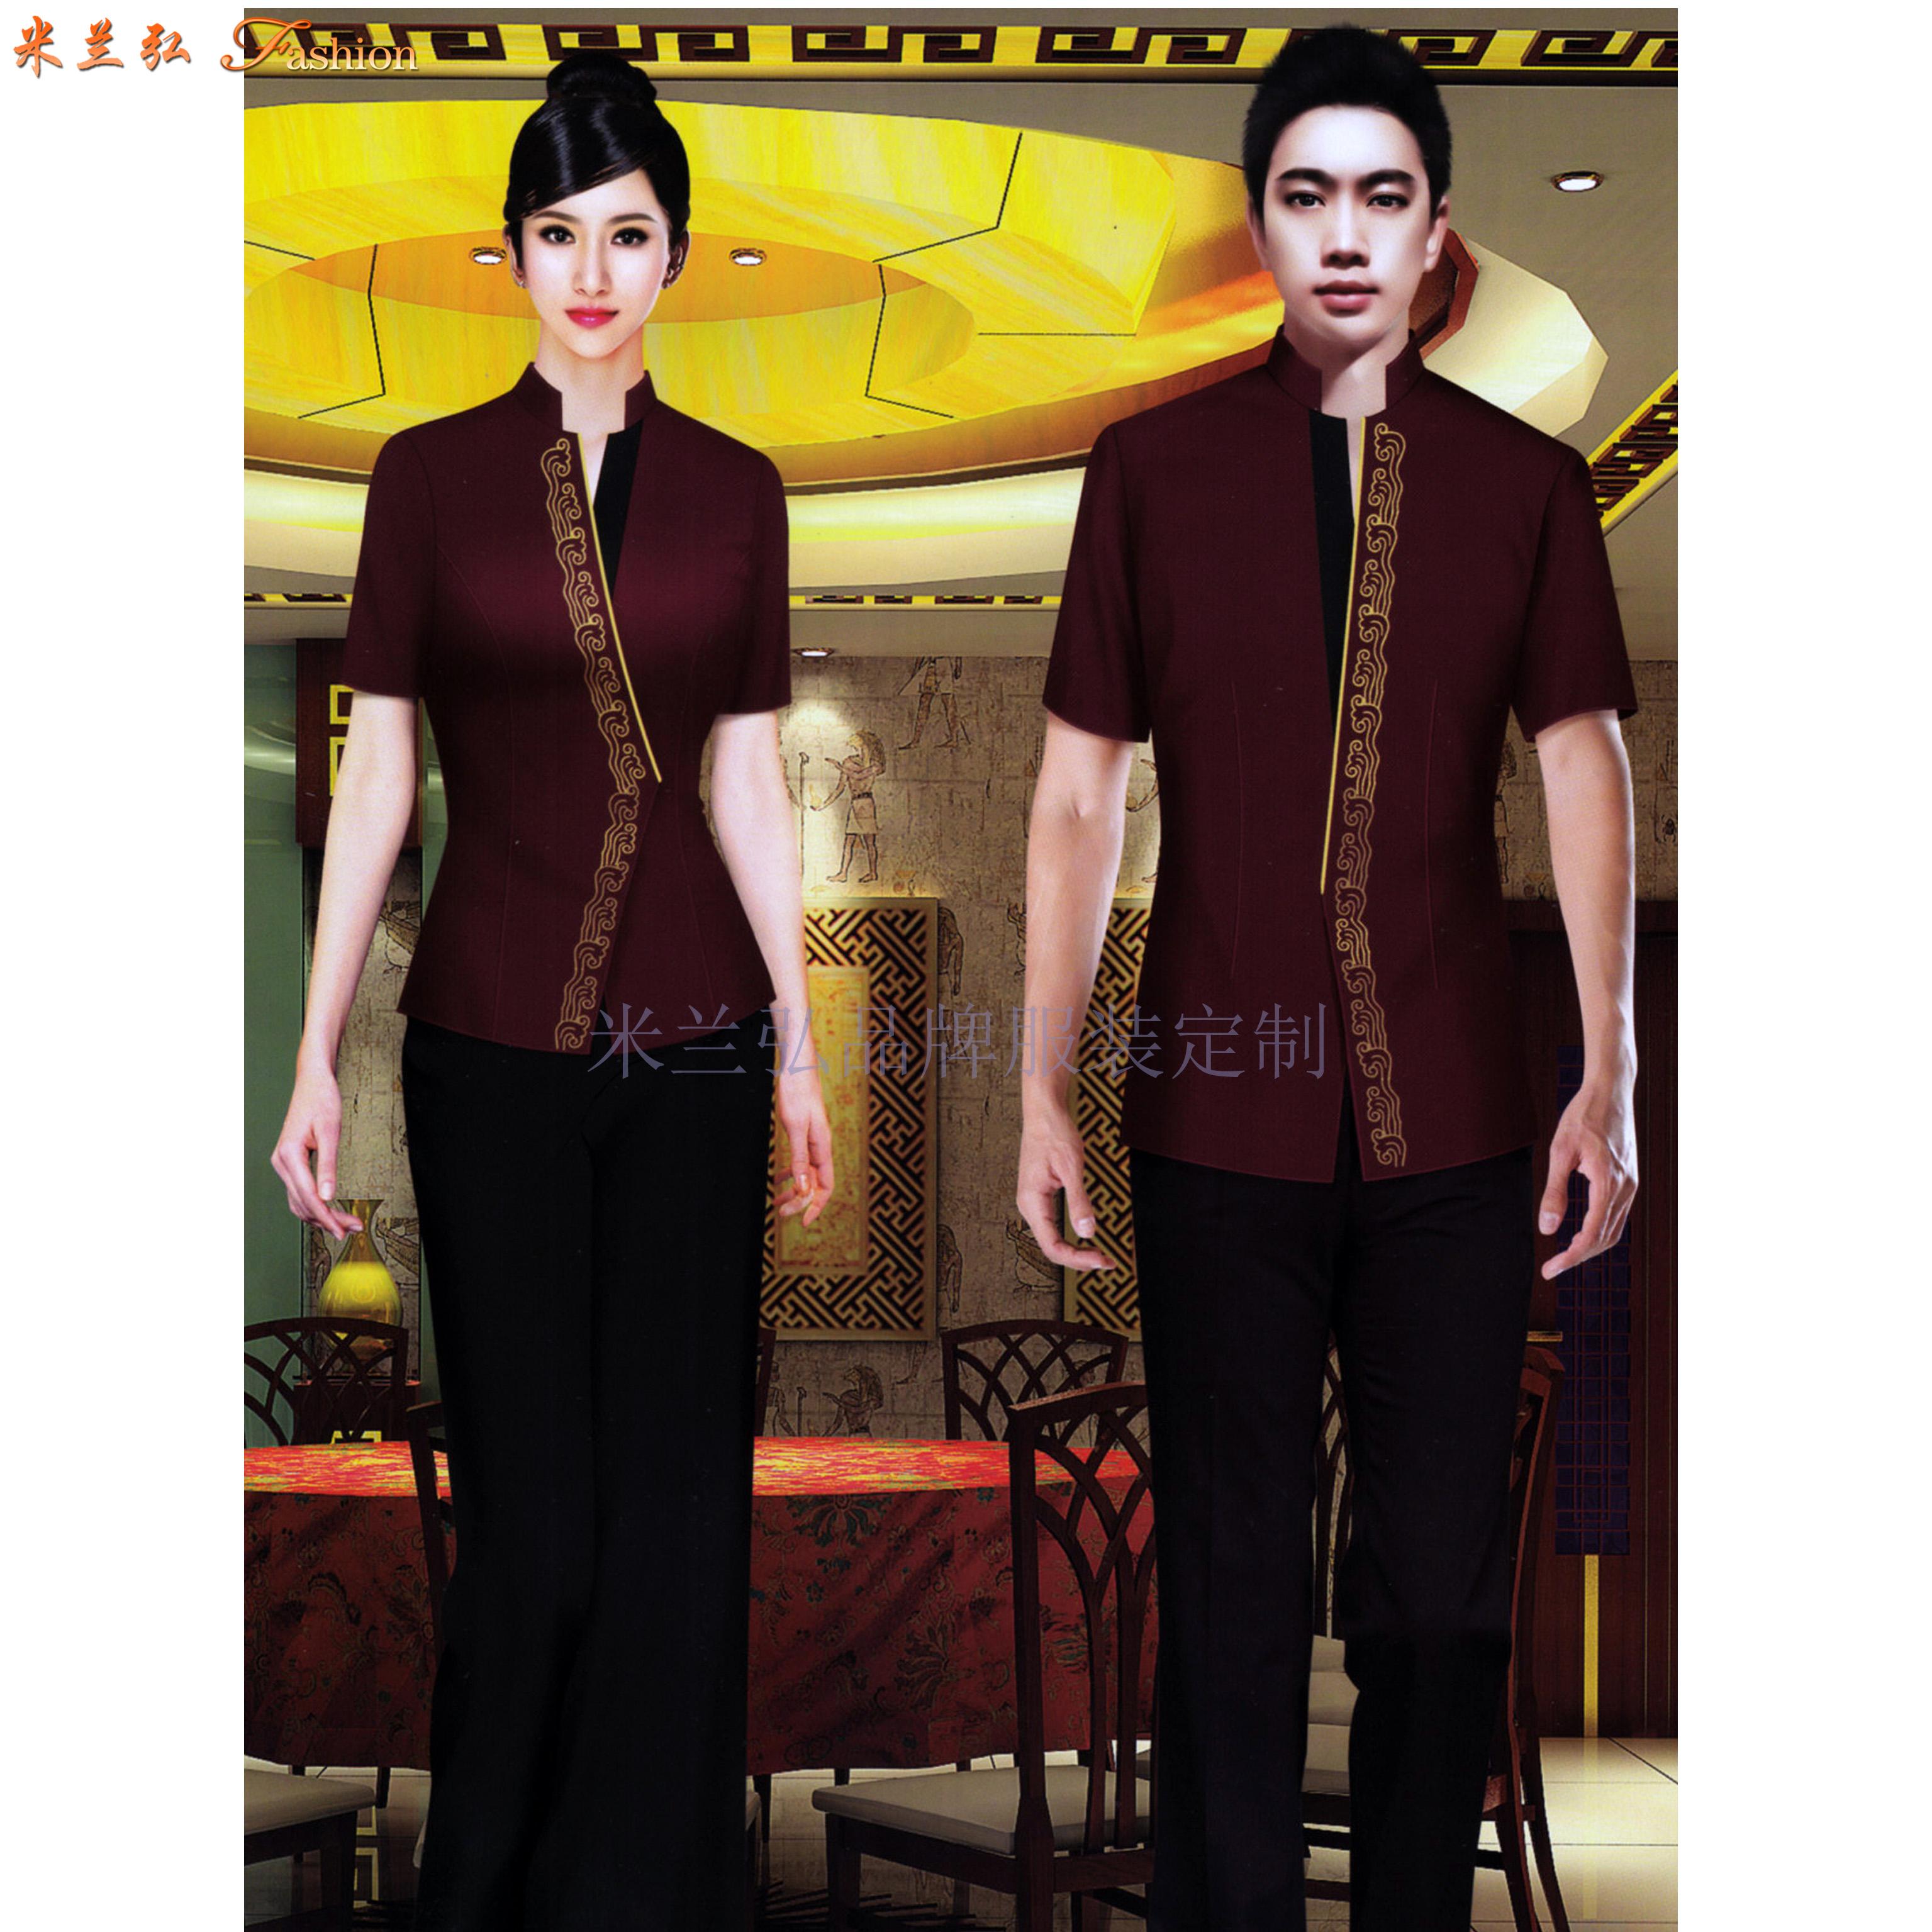 「廊坊酒店服裝定做」推薦設計制作五星酒店制服十年廠家-米蘭弘-5